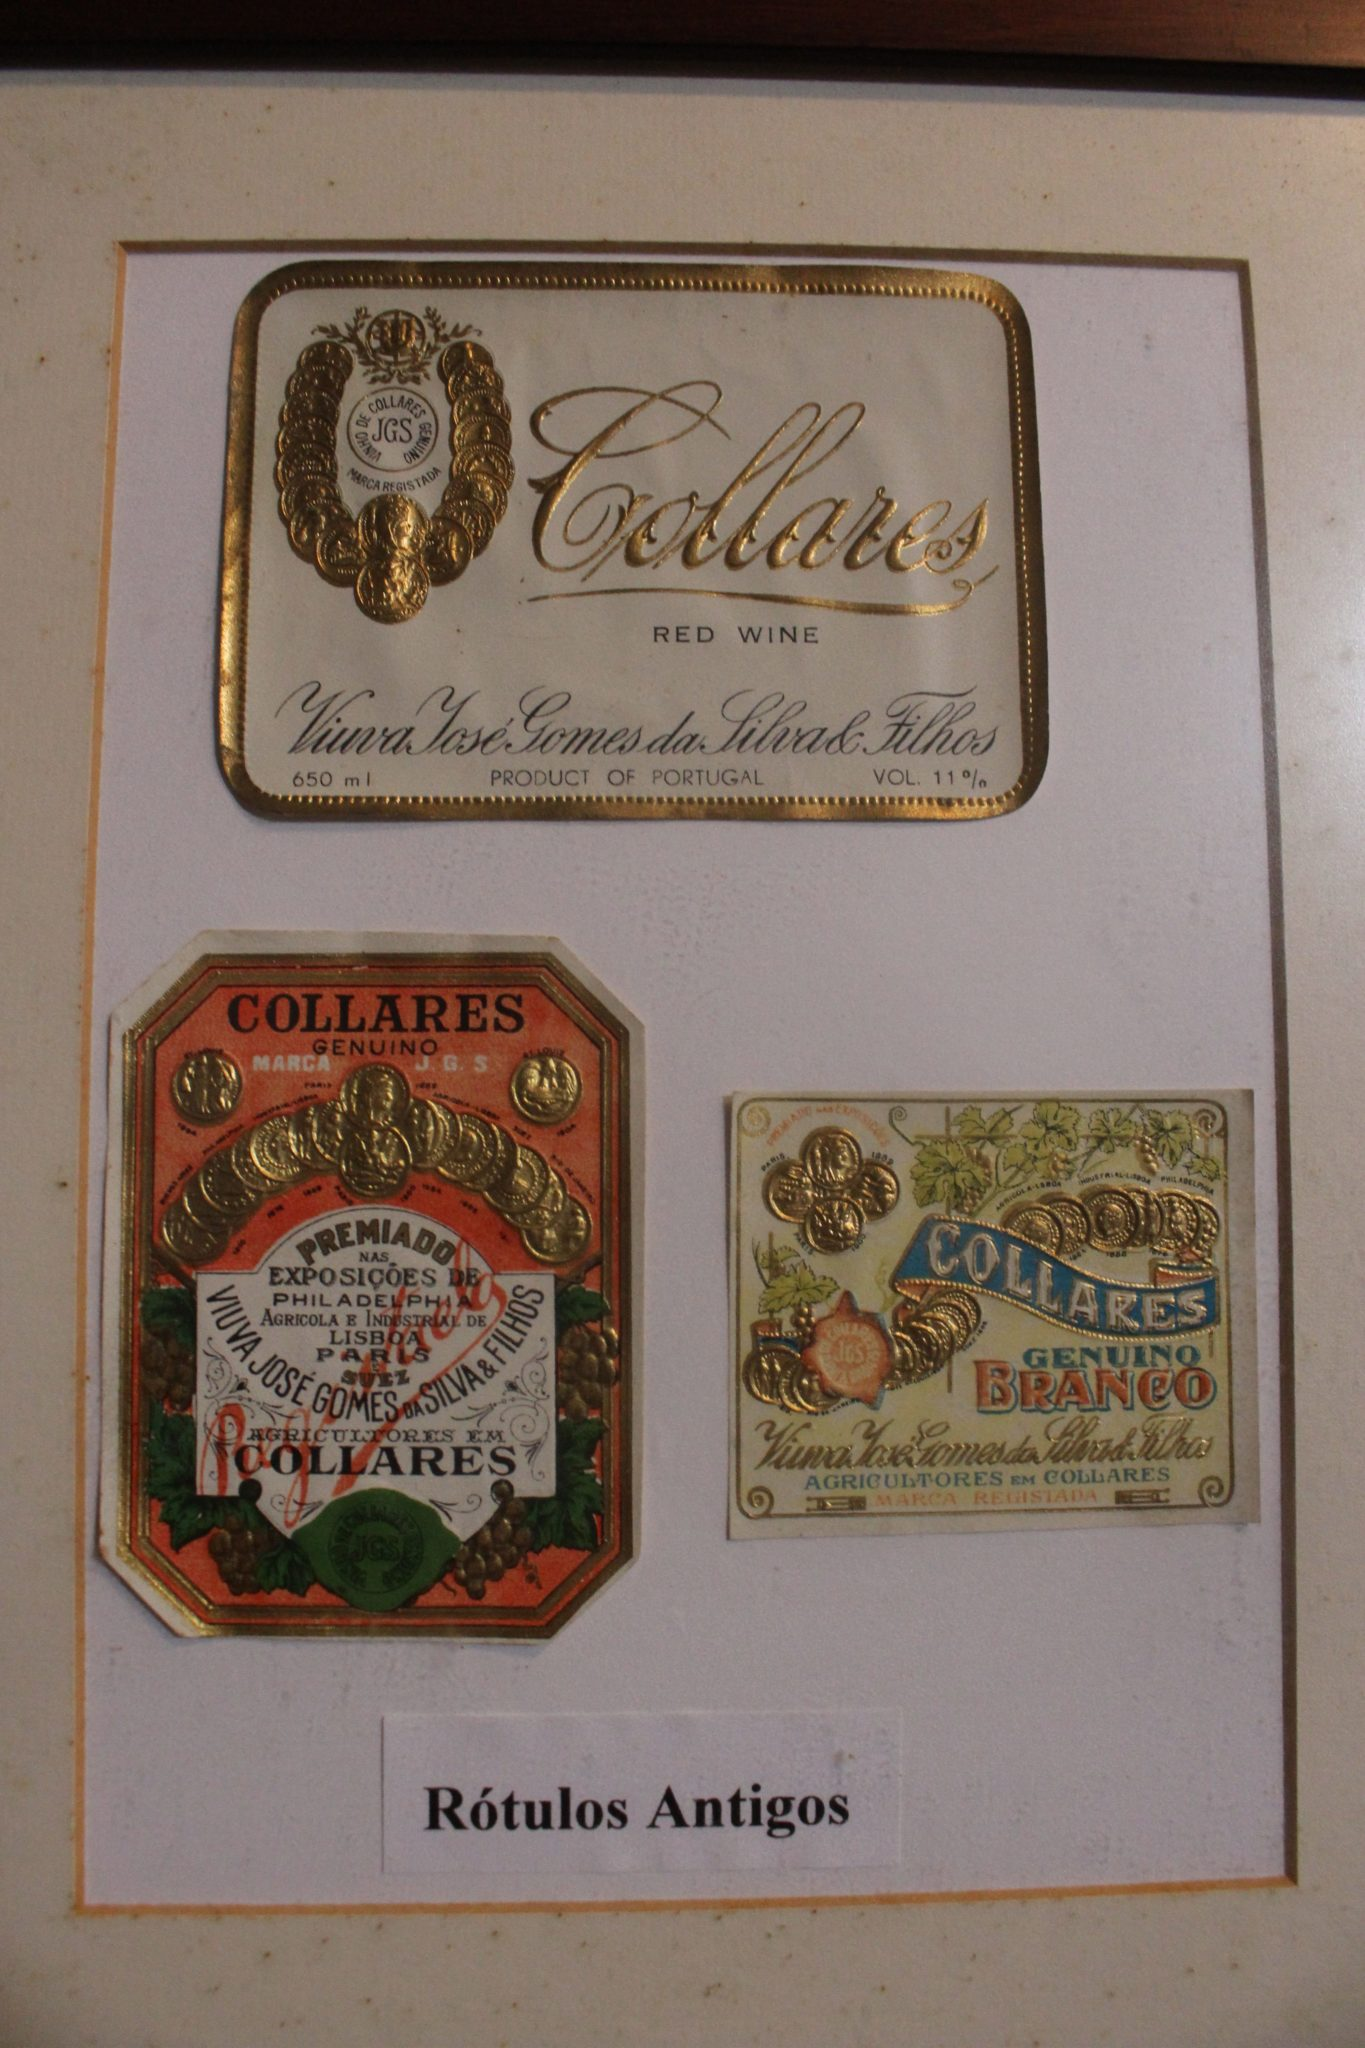 Rótulos antigos dos vinhos da Viúva Gomes